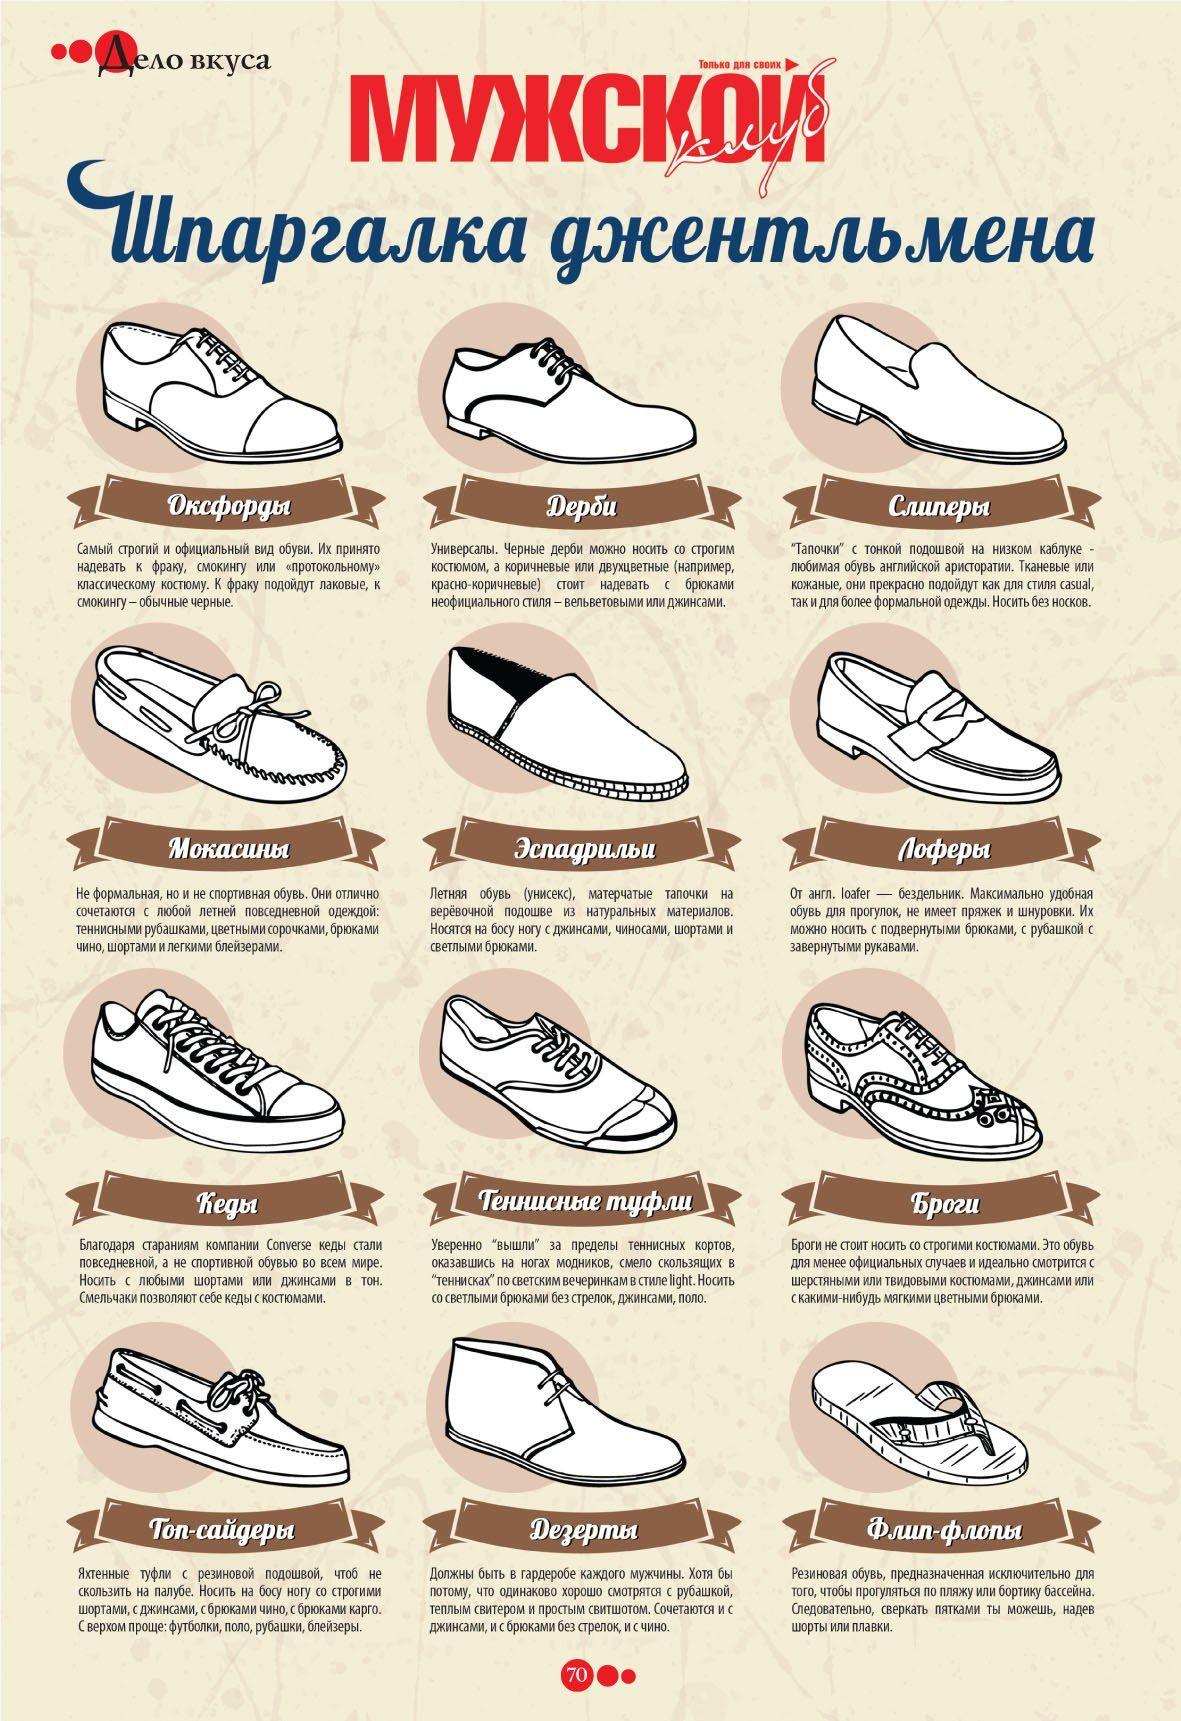 43a0f6d2d Виды мужской обуви Превосходное тело, блестательный ум и невероятная  сексуальность!